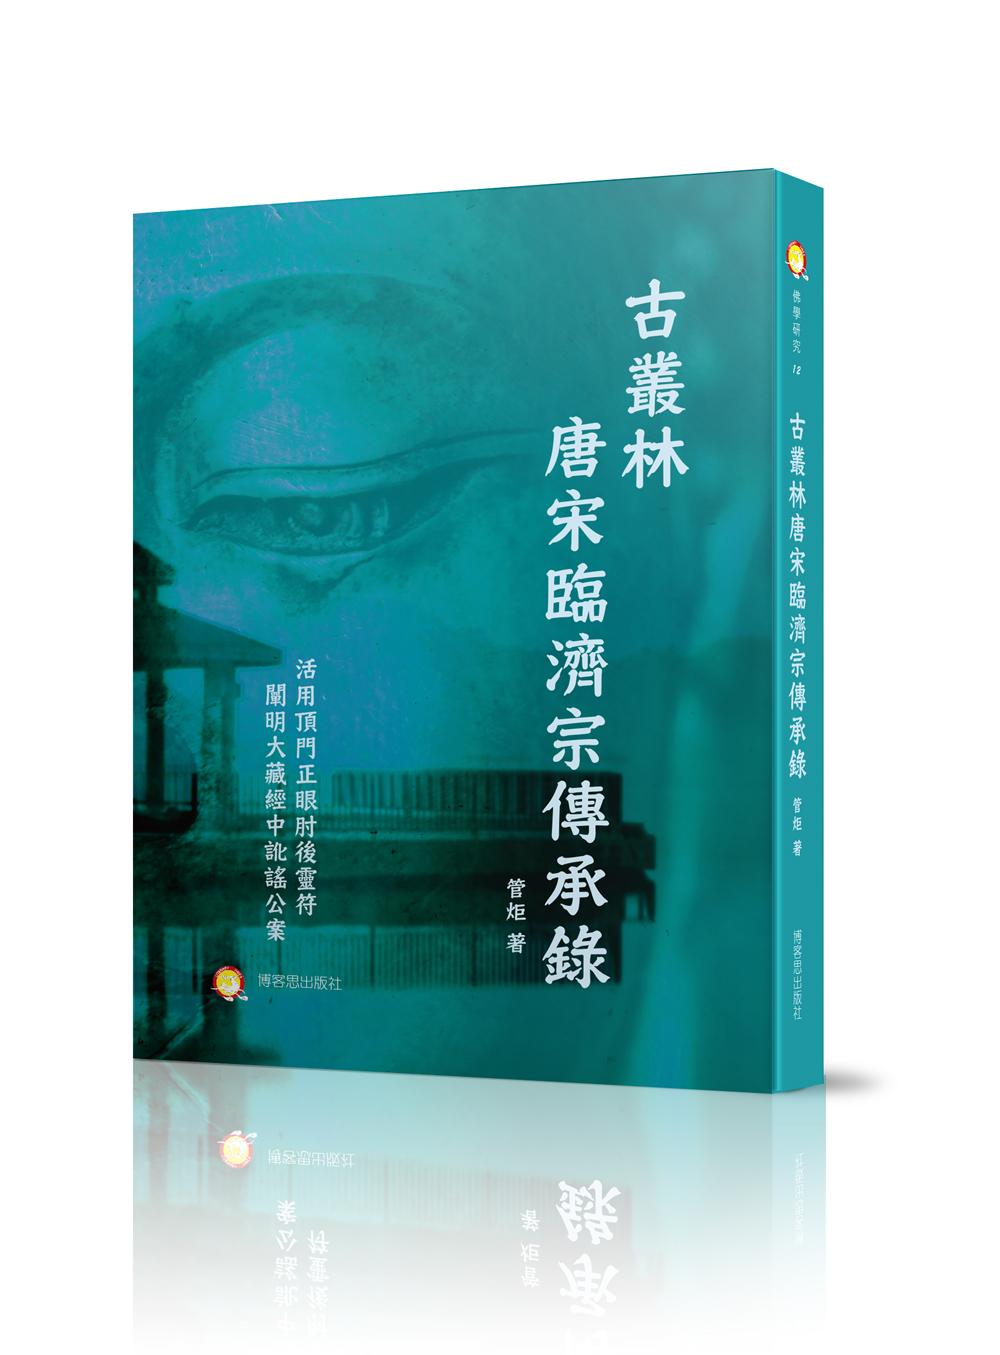 古叢林唐宋臨濟宗傳承錄